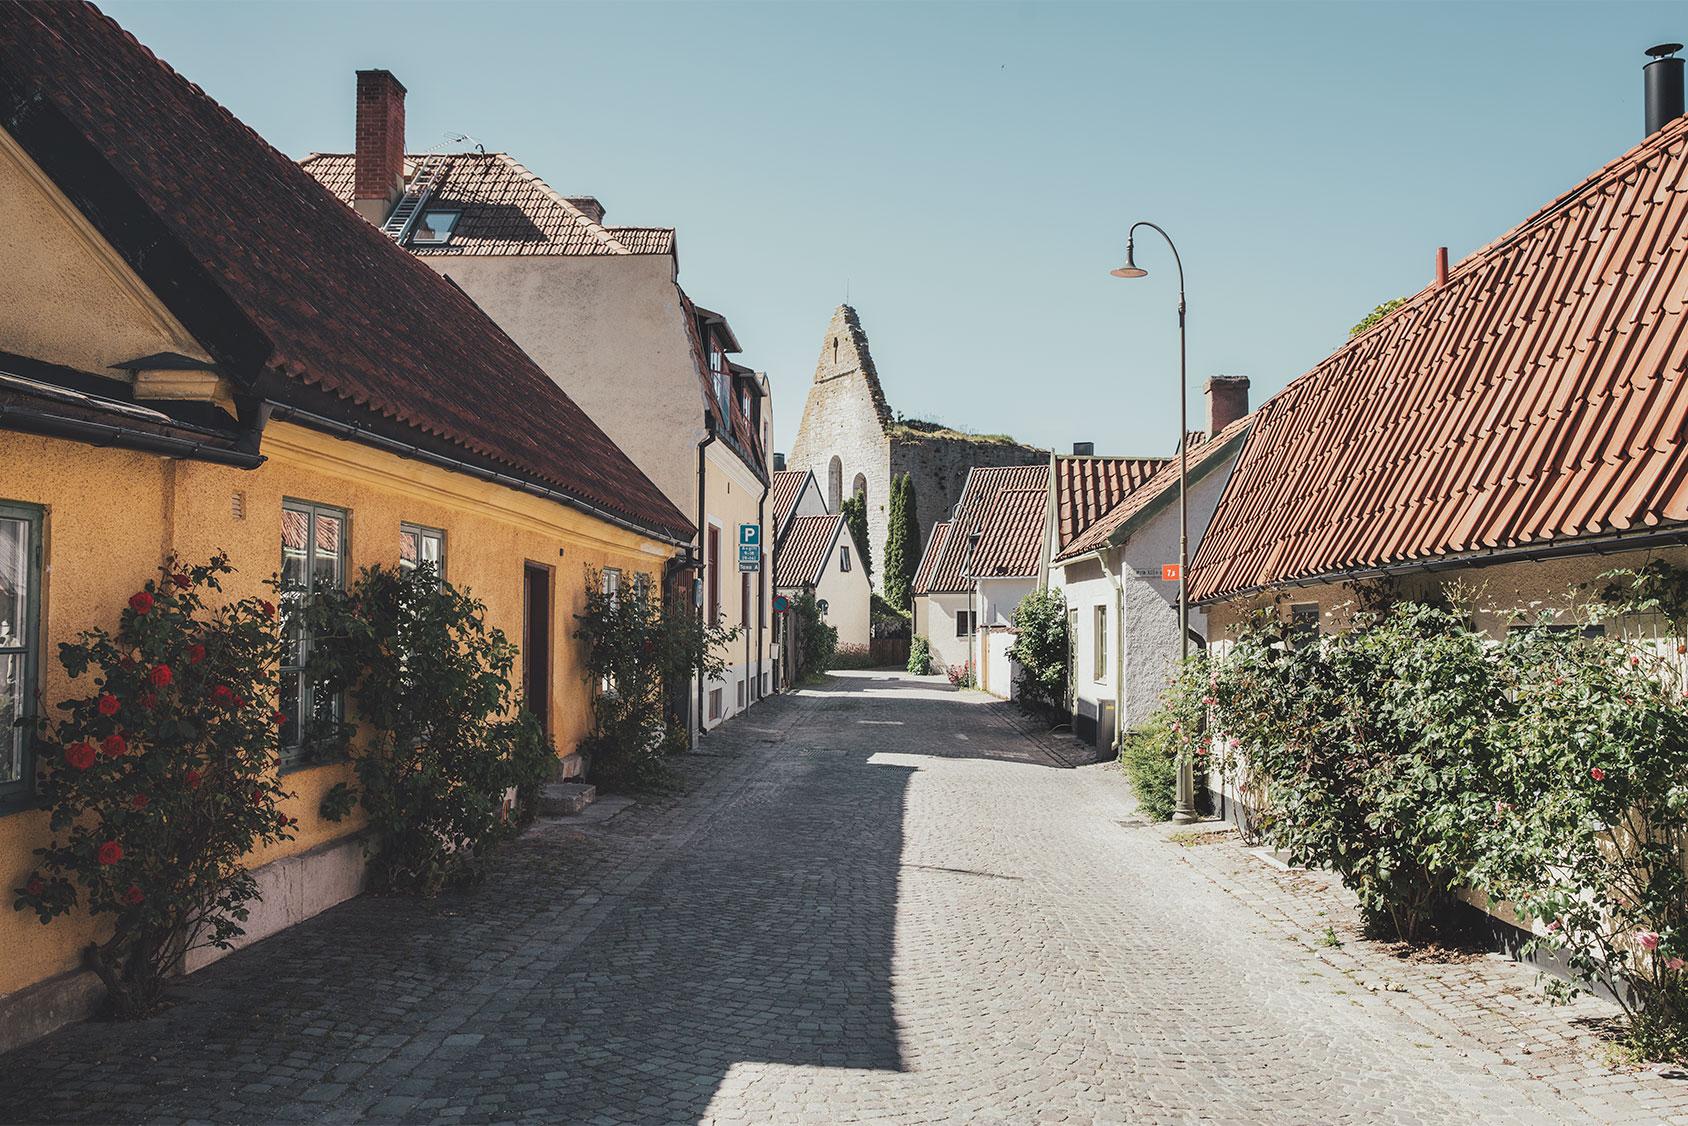 Gotland H&M